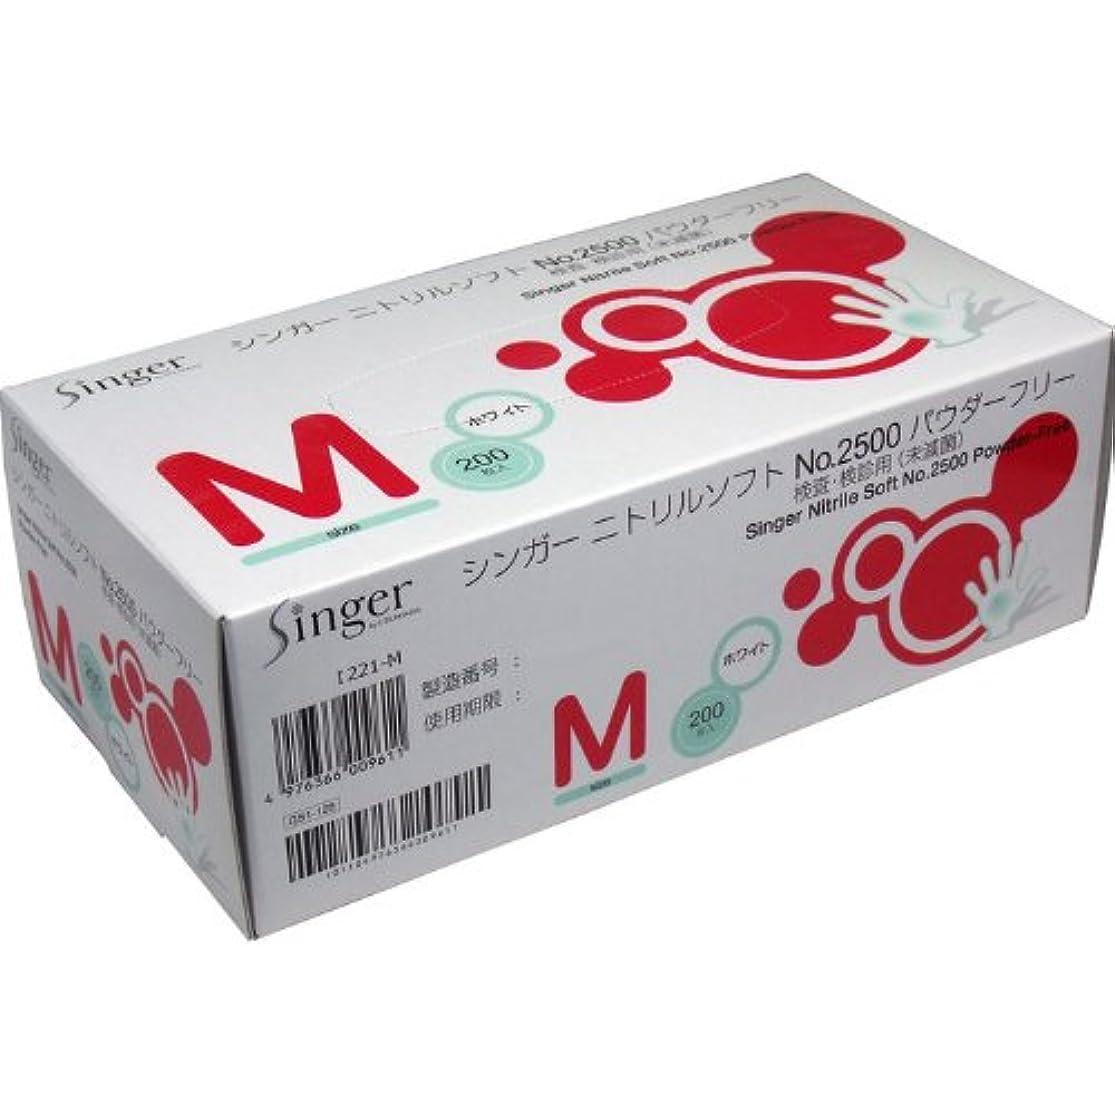 事実あそこ原因一般医療機器 非天然ゴム製検査 検診用手袋 Mサイズ 200枚入